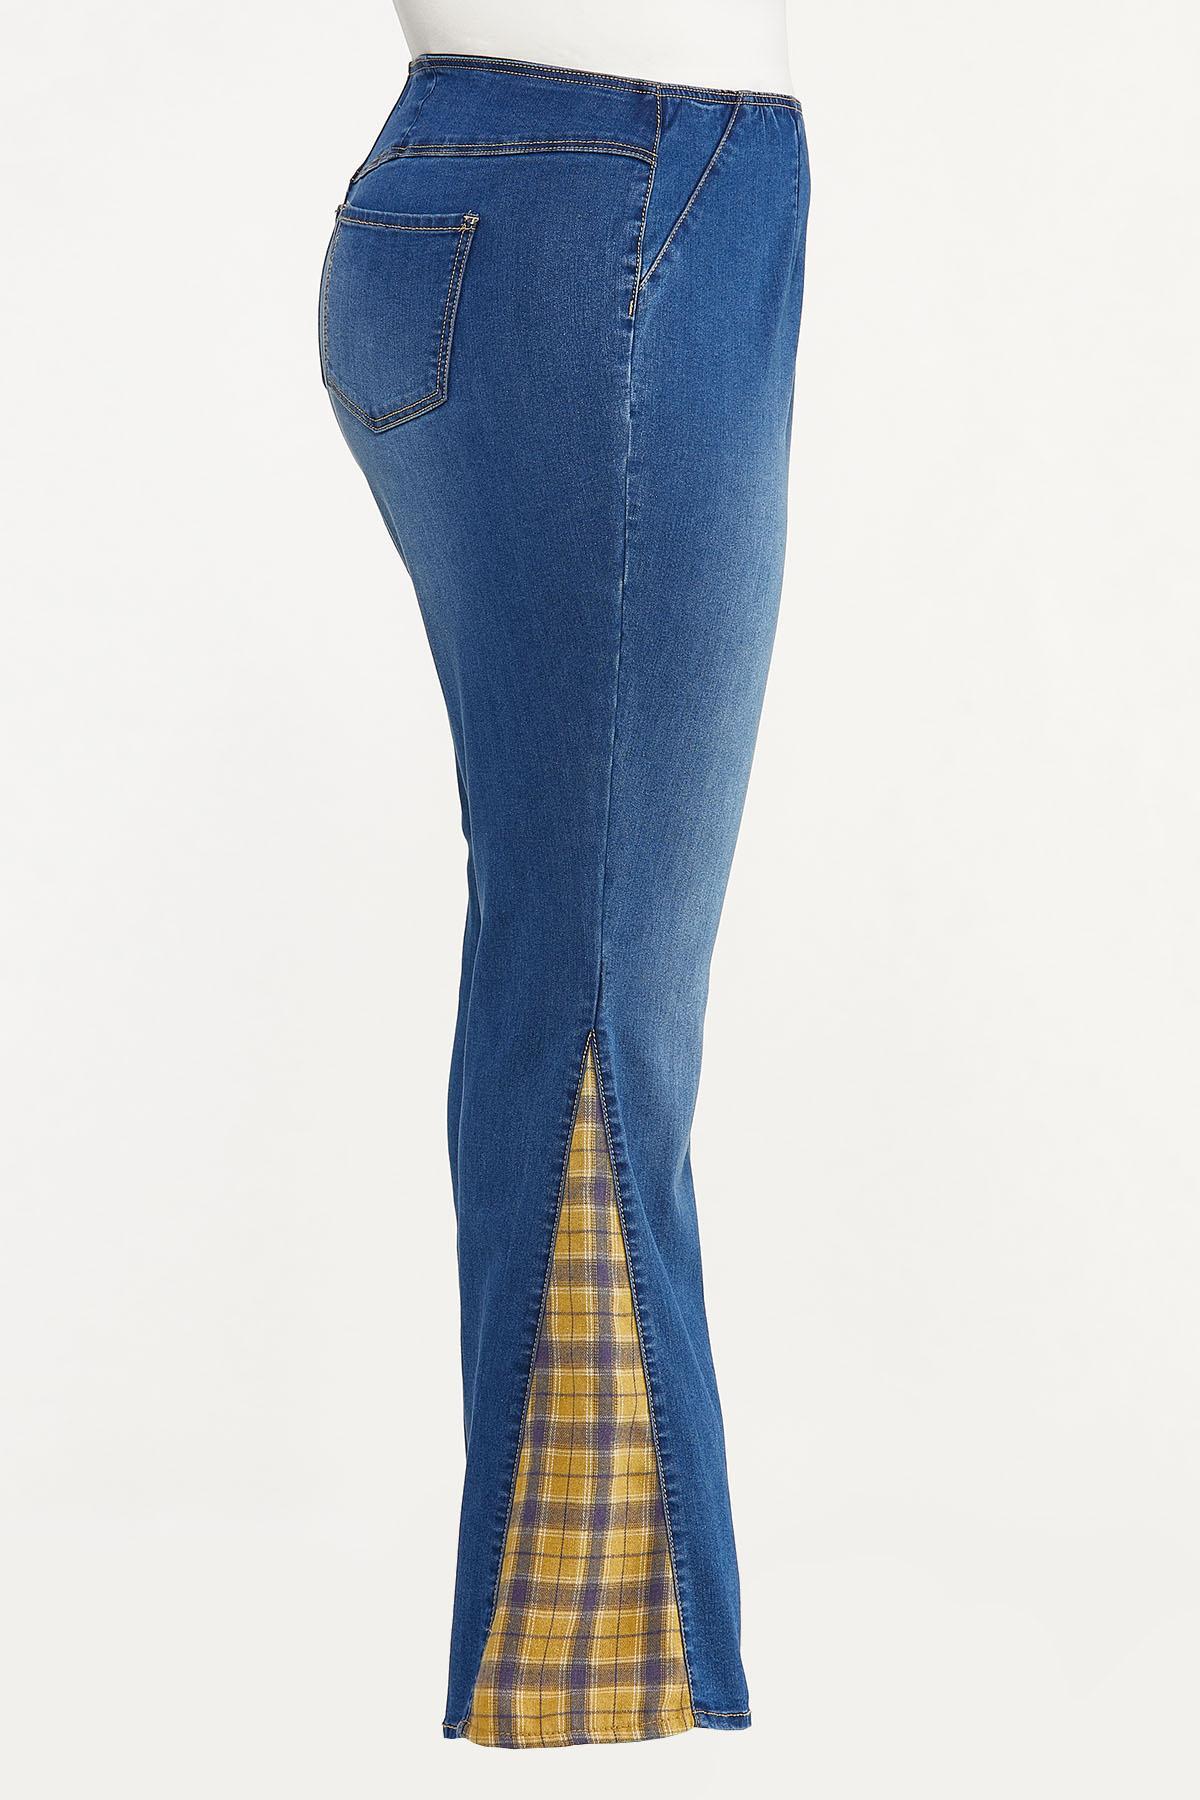 Plus Petite Plaid Inset Flare Jeans (Item #44702870)